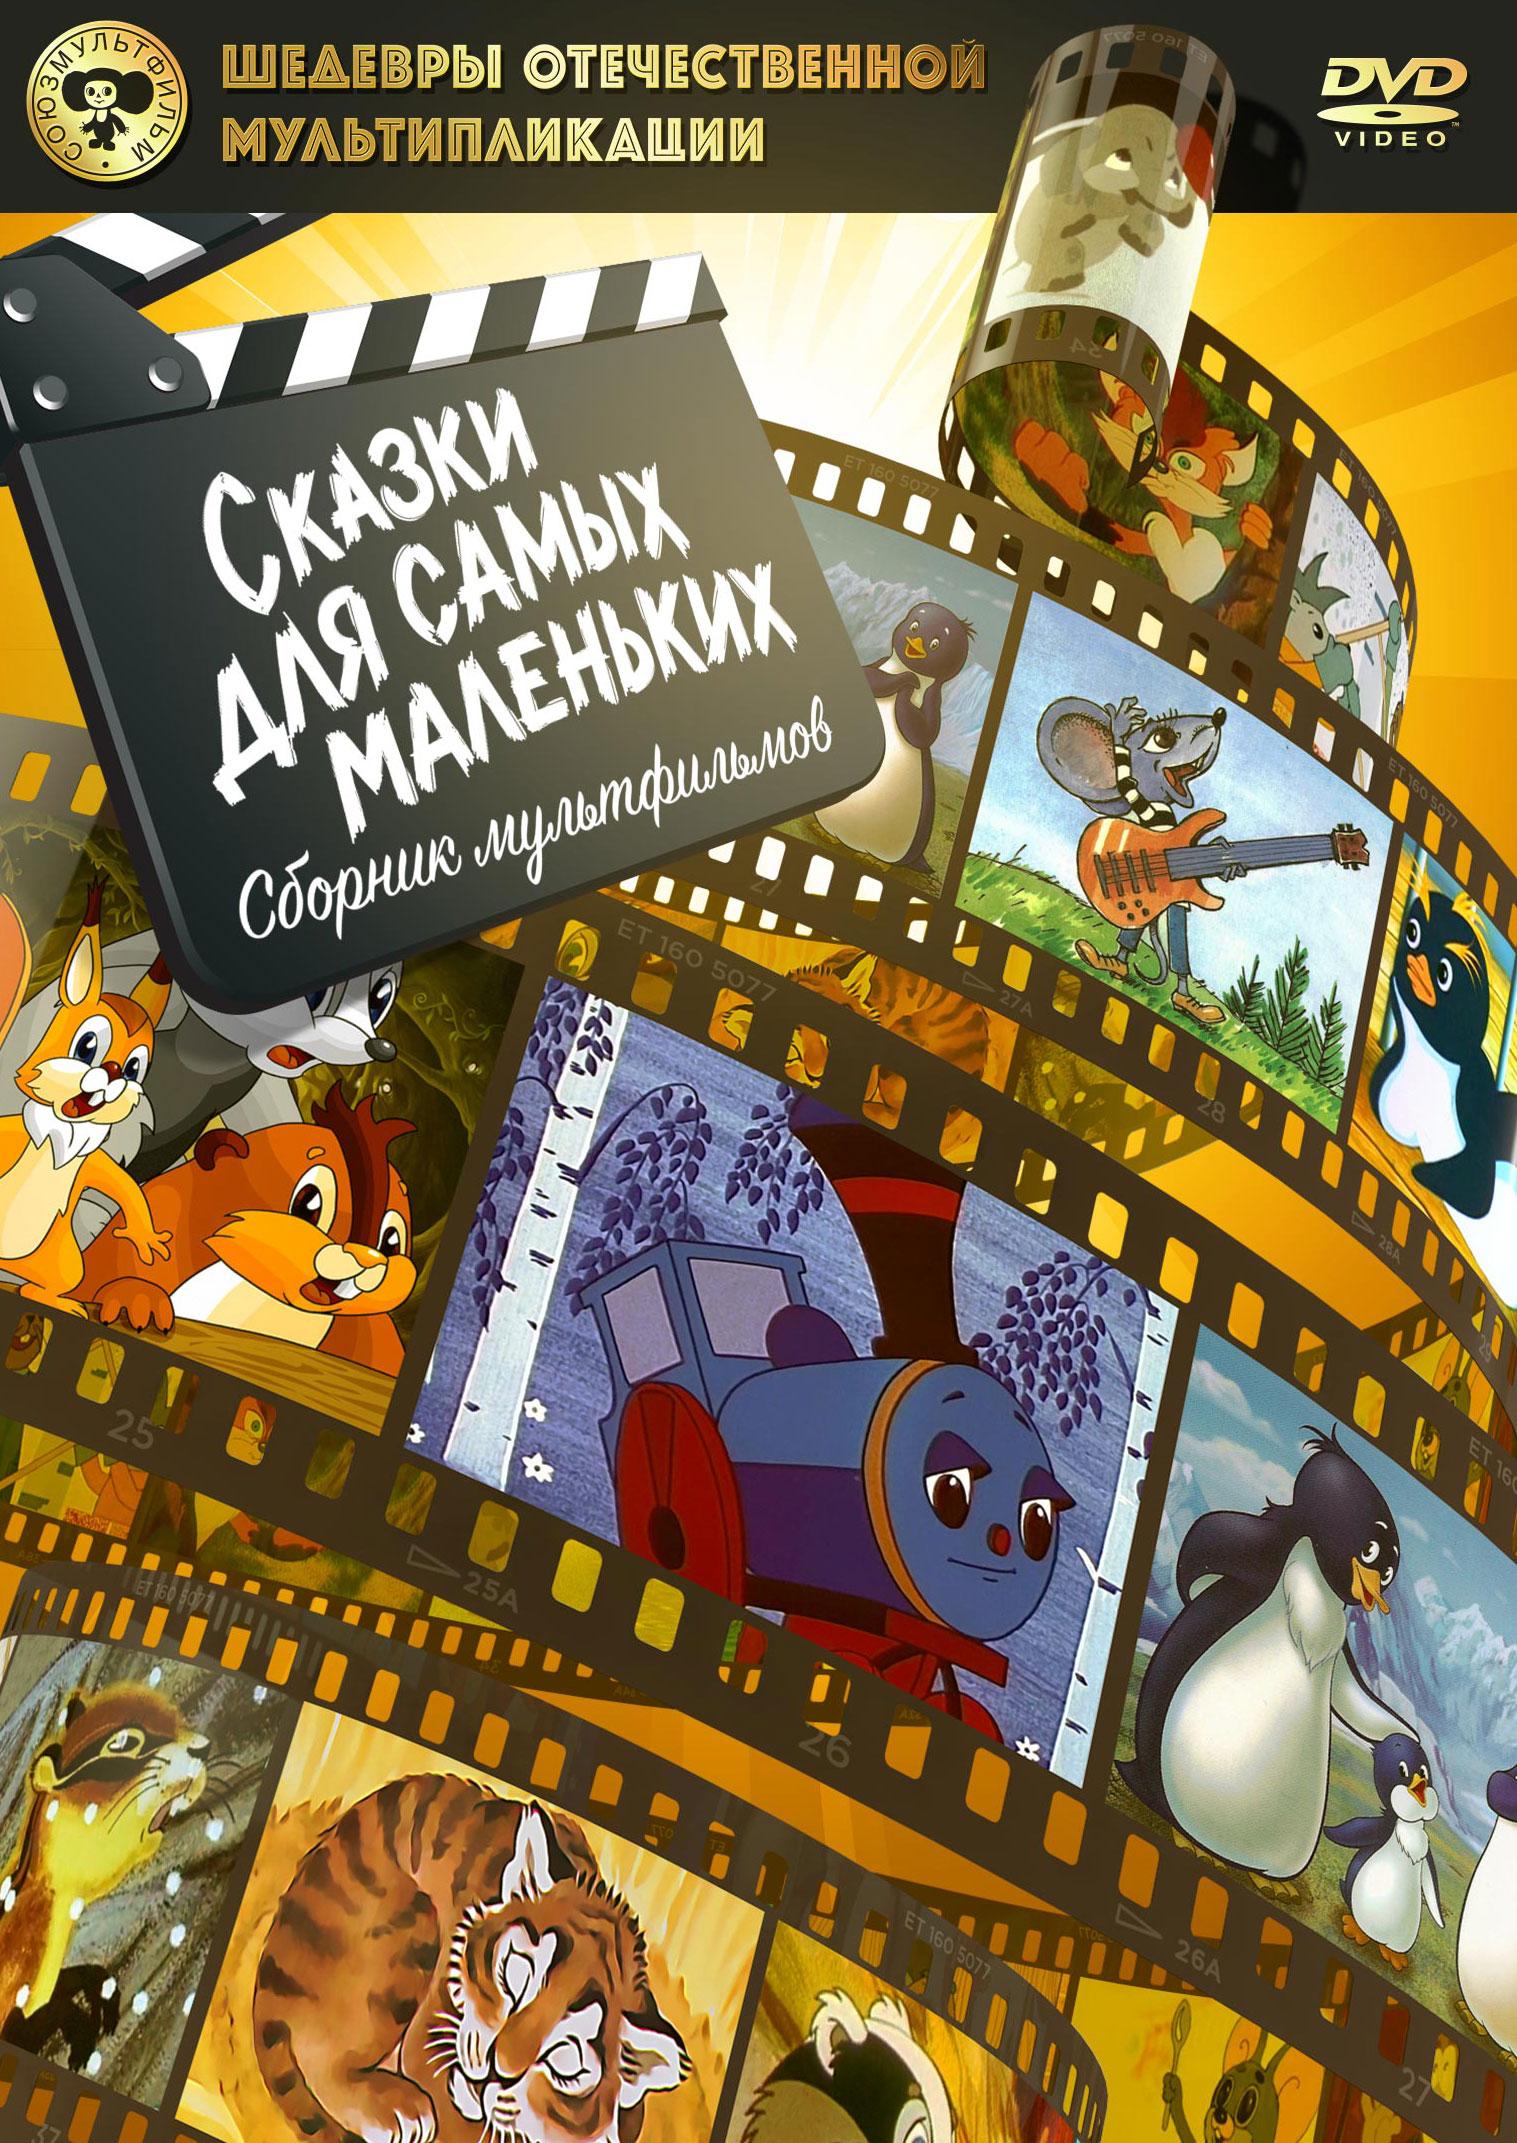 Сказки для самых маленьких: Сборник мультфильмов